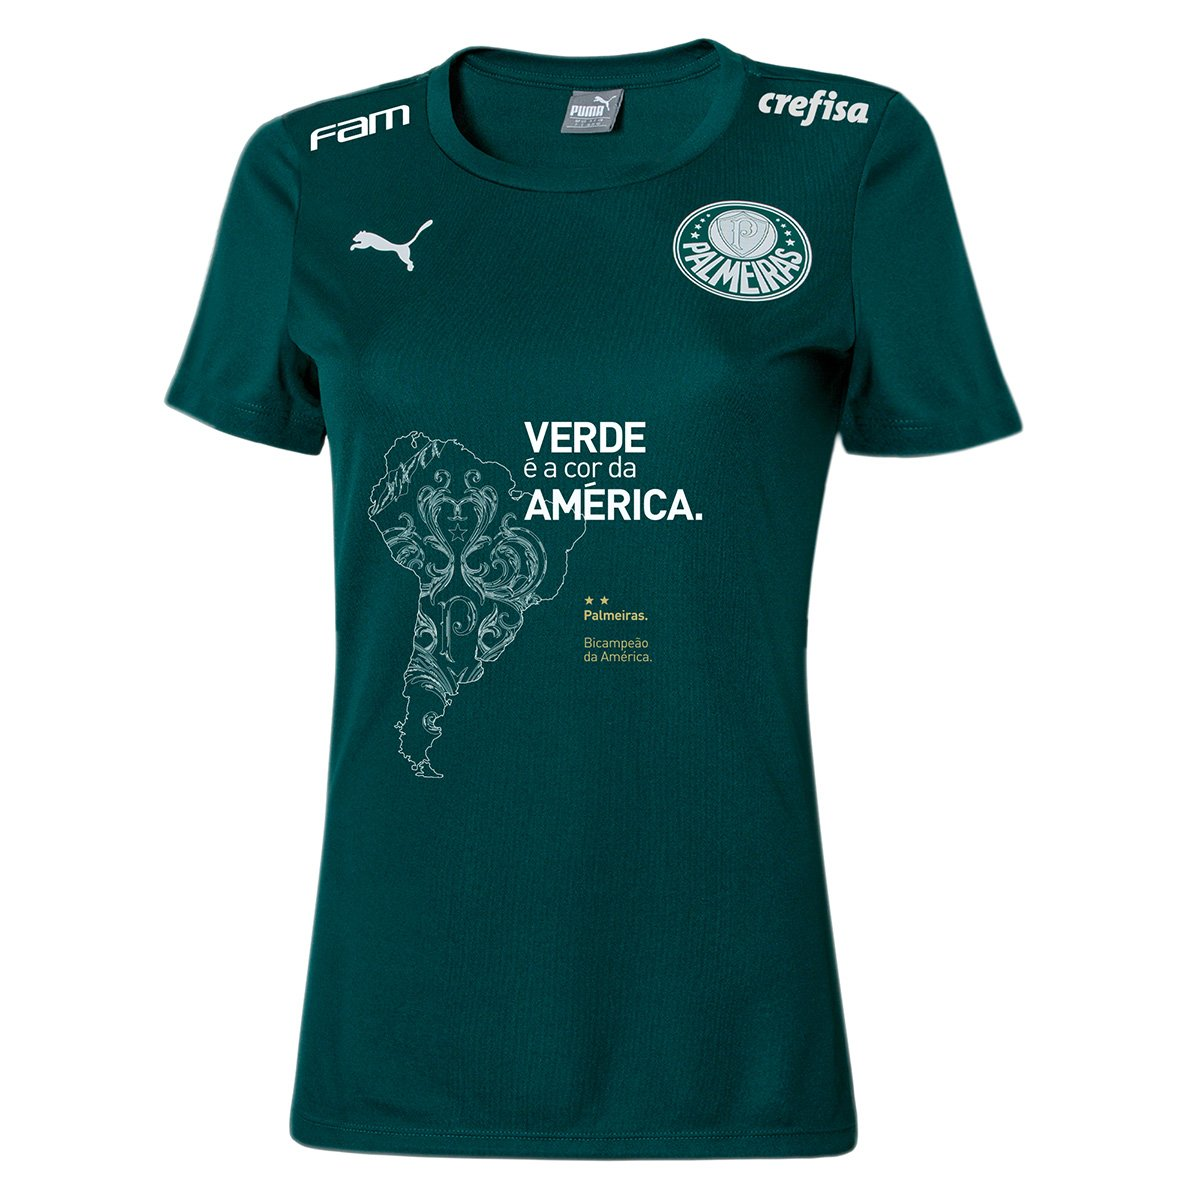 Pré-Venda Camiseta Palmeiras Puma Bi Libertadores - Edição Limitada Feminina